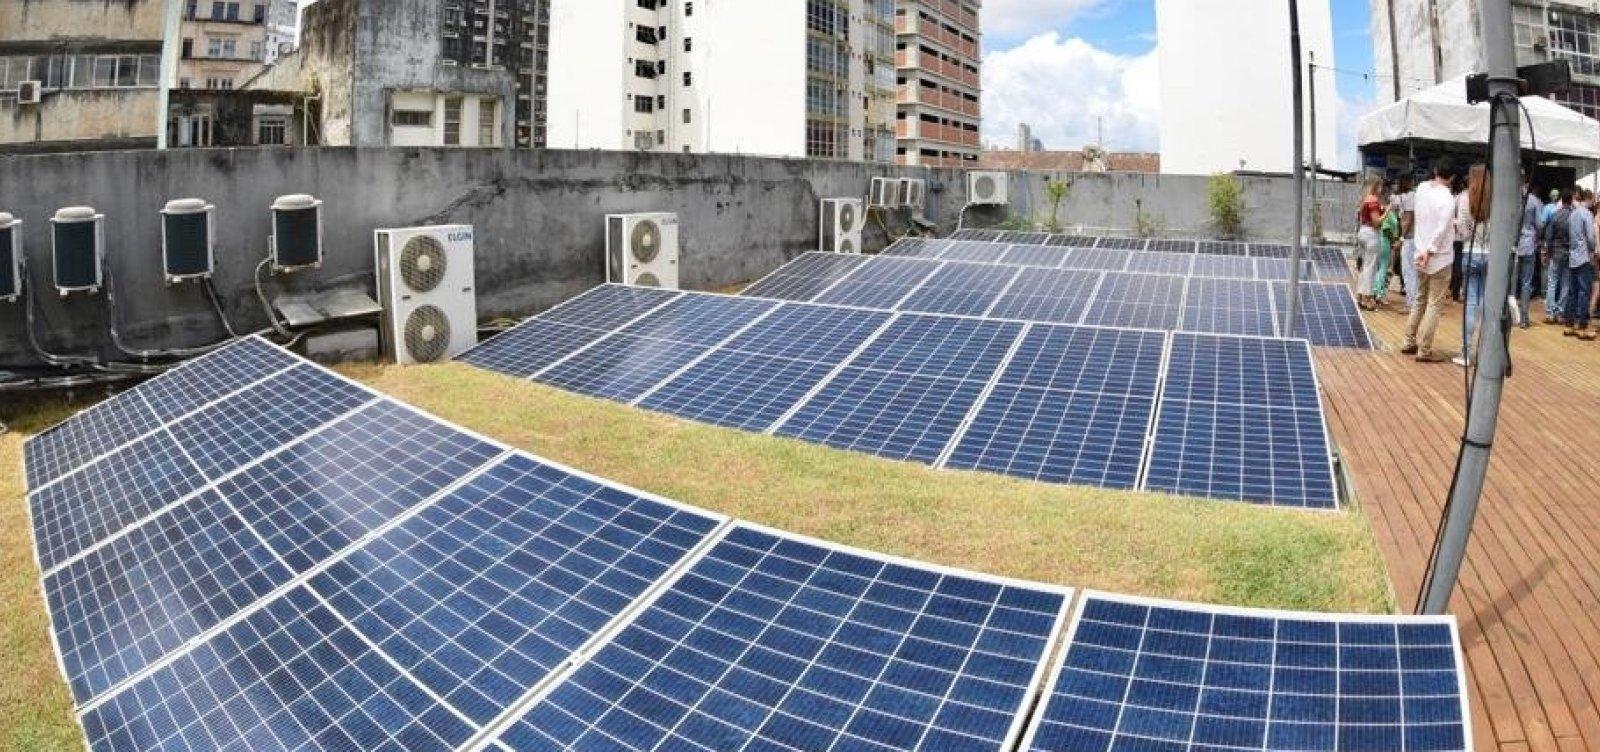 Programa prevê redução de IPTU para empresas que adotarem energia solar em Salvador